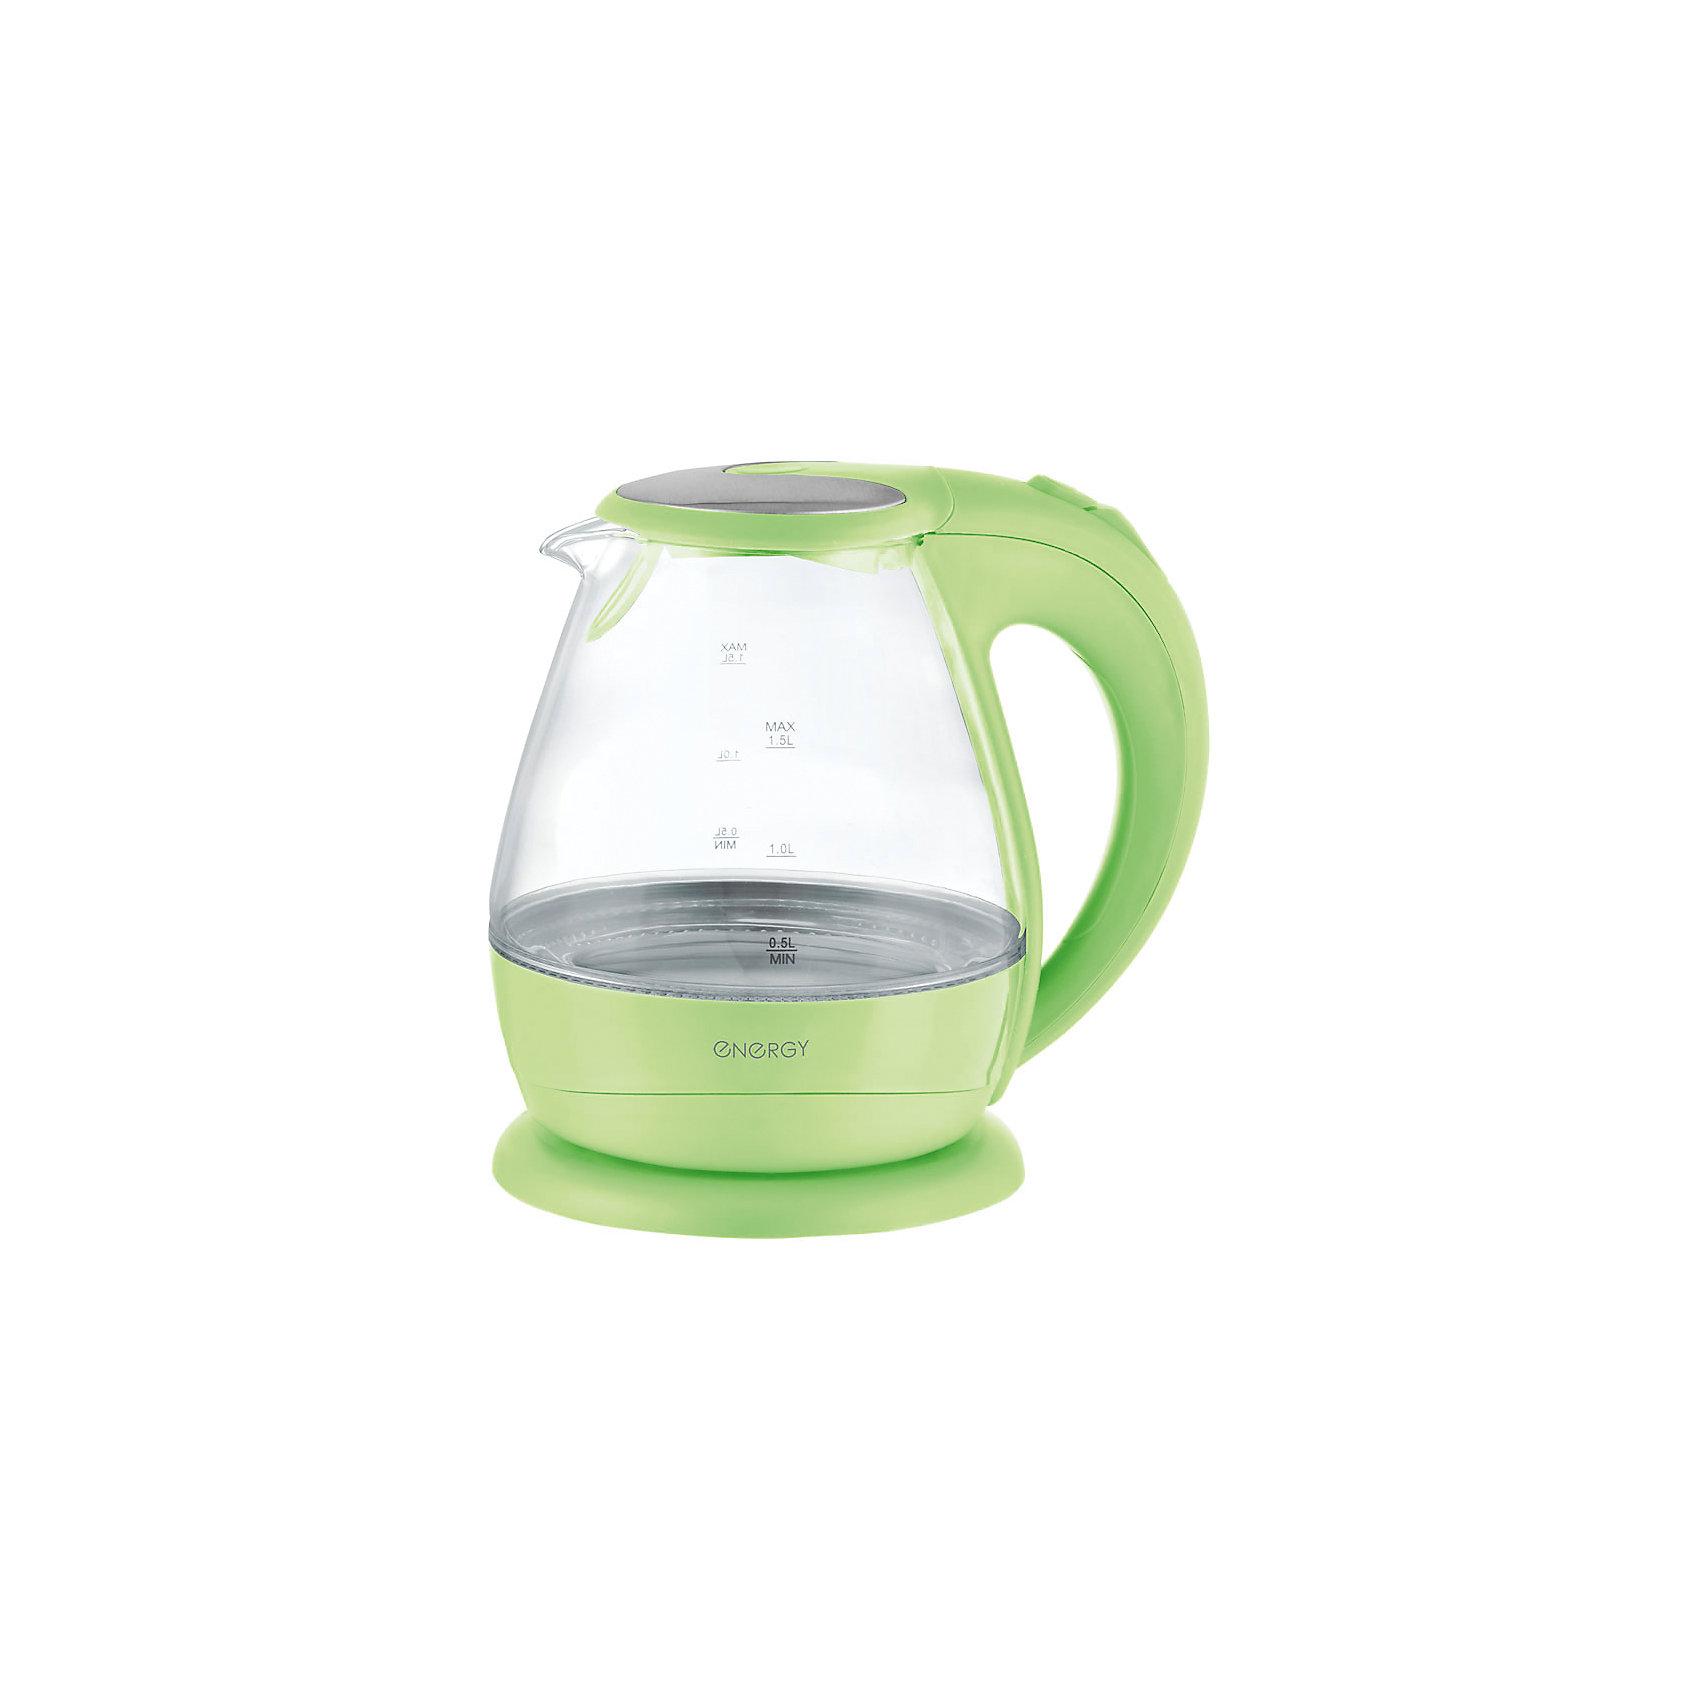 Чайник E-266 (1,5 л, диск) стеклянный, Energy, зеленыйБытовая техника для кухни<br>Электрический чайник Energy дает возможность быстро вскипятить воду. Чайник оборудован закрытым нагревательным элементом из нержавеющей стали, есть автоматический выключатель. Имеется внутренняя подсветка. Предусмотрена защита от работы без воды. Фильтр чайника съемный. Чайник на подставке можно поворачивать на 360 градусов. Шкала уровня воды находится на внешней стороне чайника, корпус полностью прозрачный.<br><br>Дополнительная информация:<br><br>Размер чайника: 23,5х21,2х19,9 см<br>Объем чайника: 1,5 л<br><br>Материал: термостойкое стекло, пластик, нержавеющая сталь<br><br>Мощность: 1850-2200Вт<br>Напряжение: 220-240В, 50/60Гц<br> <br>Чайник E-266 (1,5 л, диск) стеклянный, Energy, зеленый можно купить в нашем интернет-магазине.<br><br>Ширина мм: 210<br>Глубина мм: 200<br>Высота мм: 240<br>Вес г: 1441<br>Возраст от месяцев: 216<br>Возраст до месяцев: 1080<br>Пол: Унисекс<br>Возраст: Детский<br>SKU: 4989888